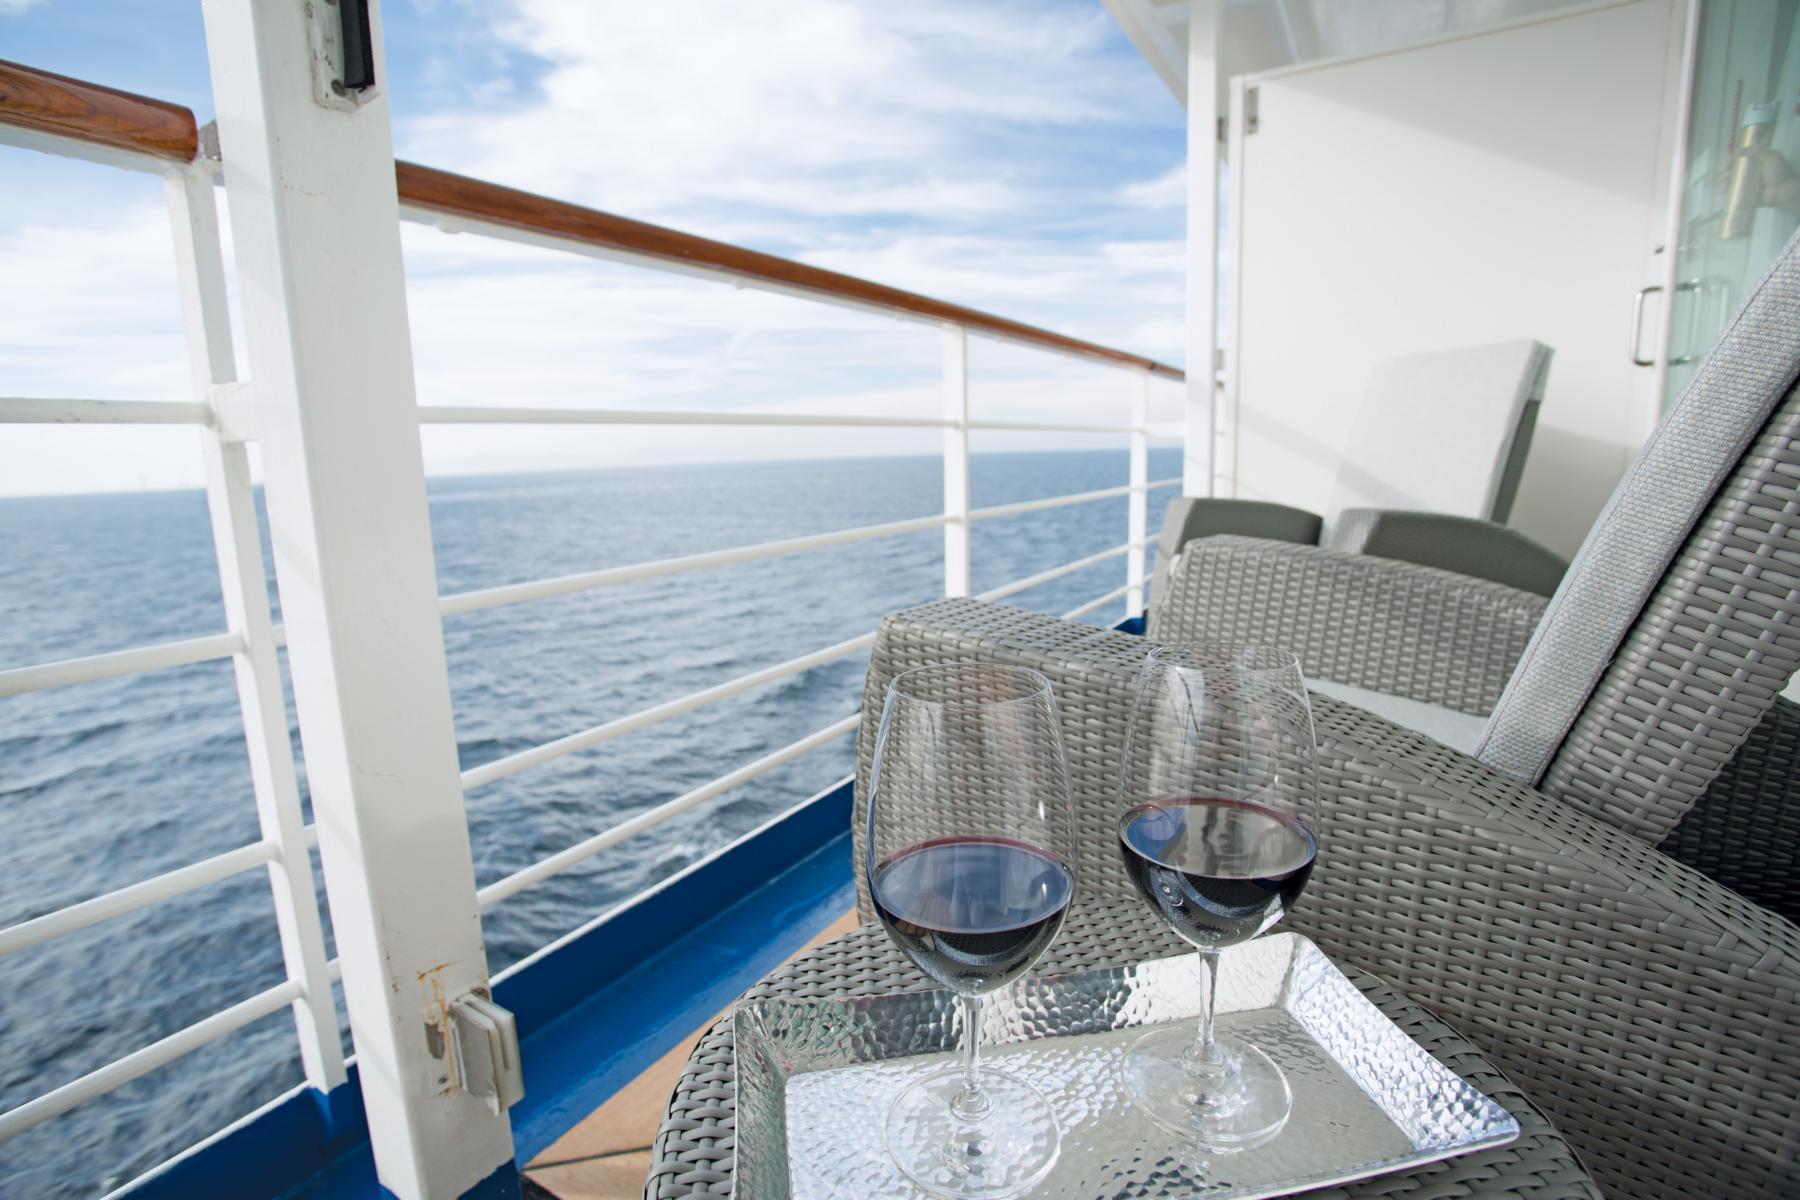 Privater Balkon mit Loungemöbeln und Wein auf der Regent Seven Seas Voyager